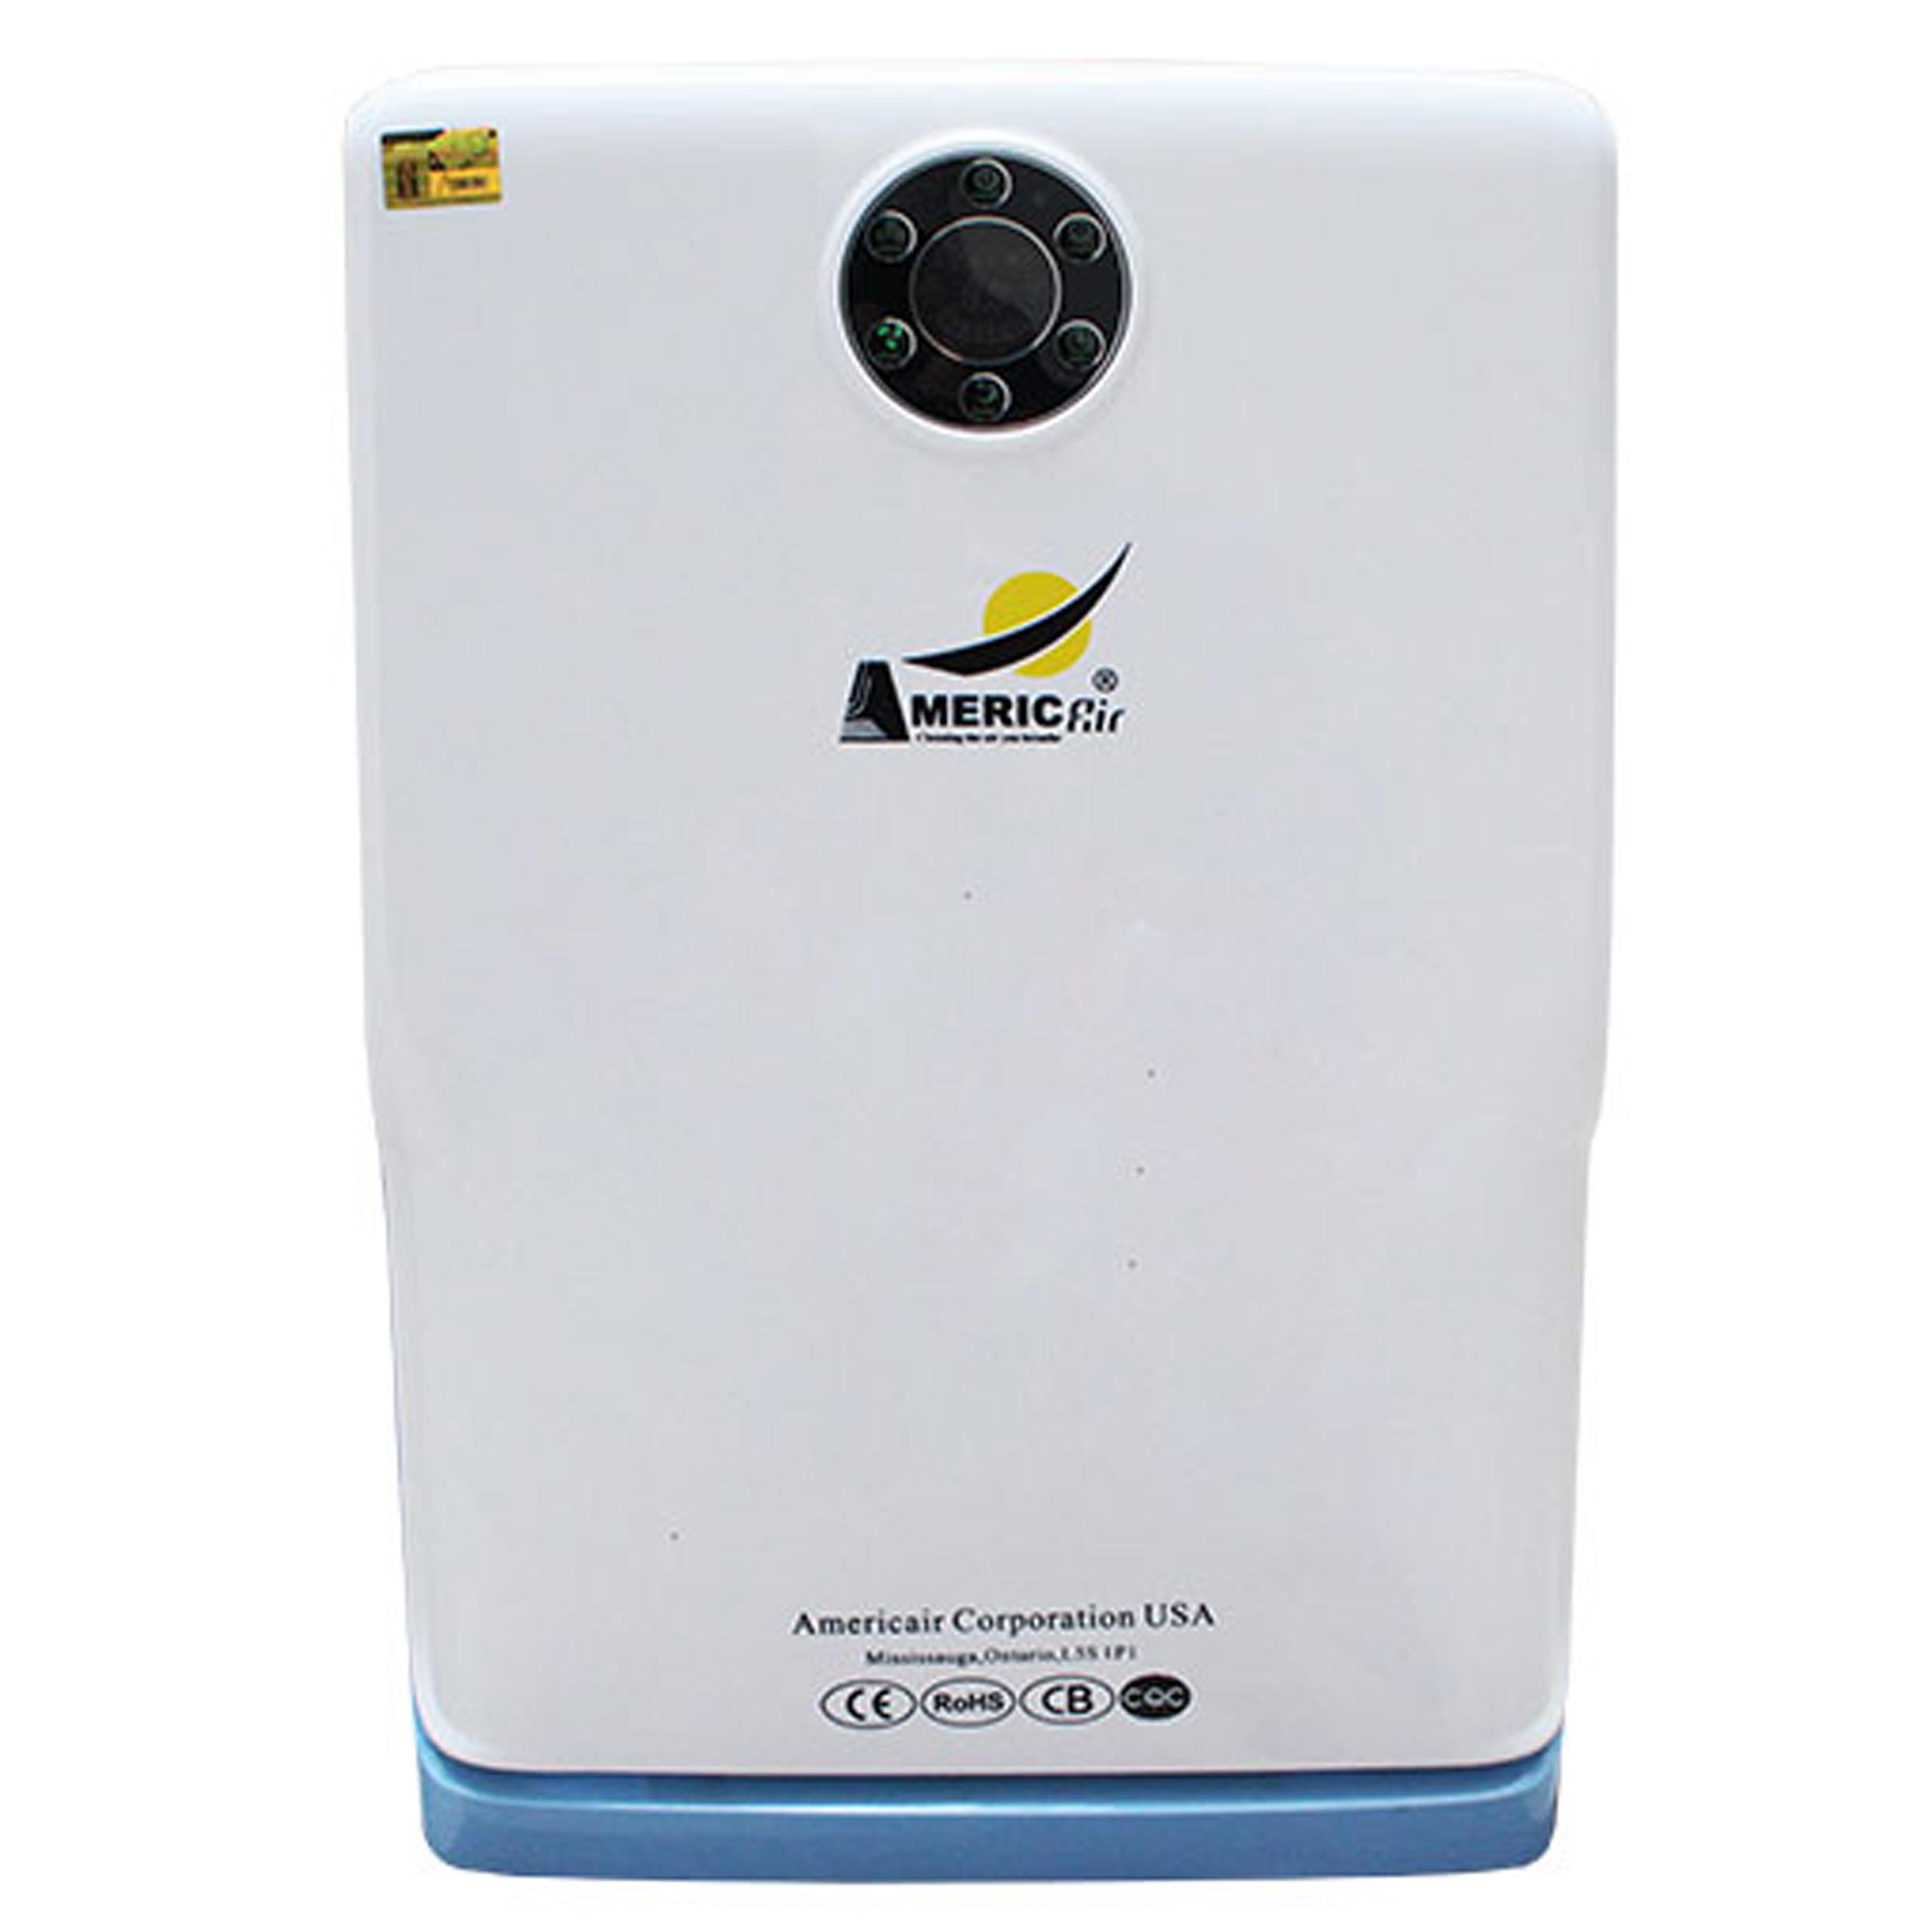 دستگاه تصفیه کننده هوا  امریک ایر مدل K01A